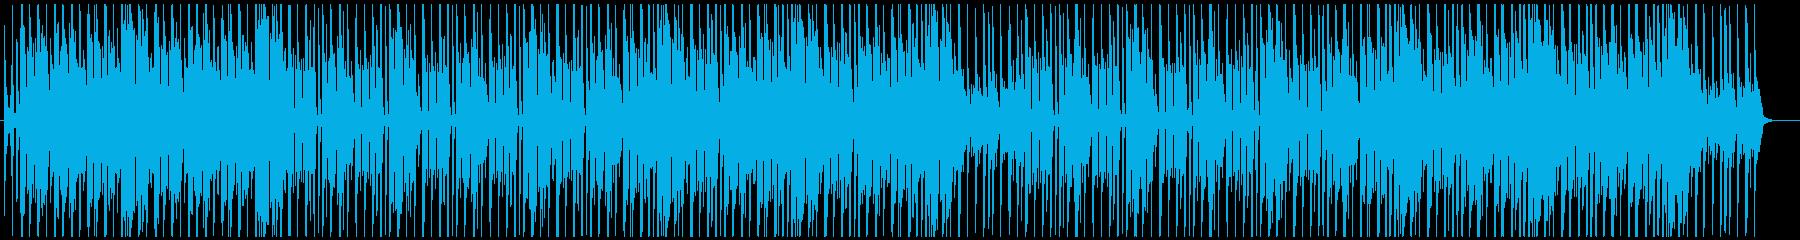 レゲエ 明るく前向きなVIBESの再生済みの波形